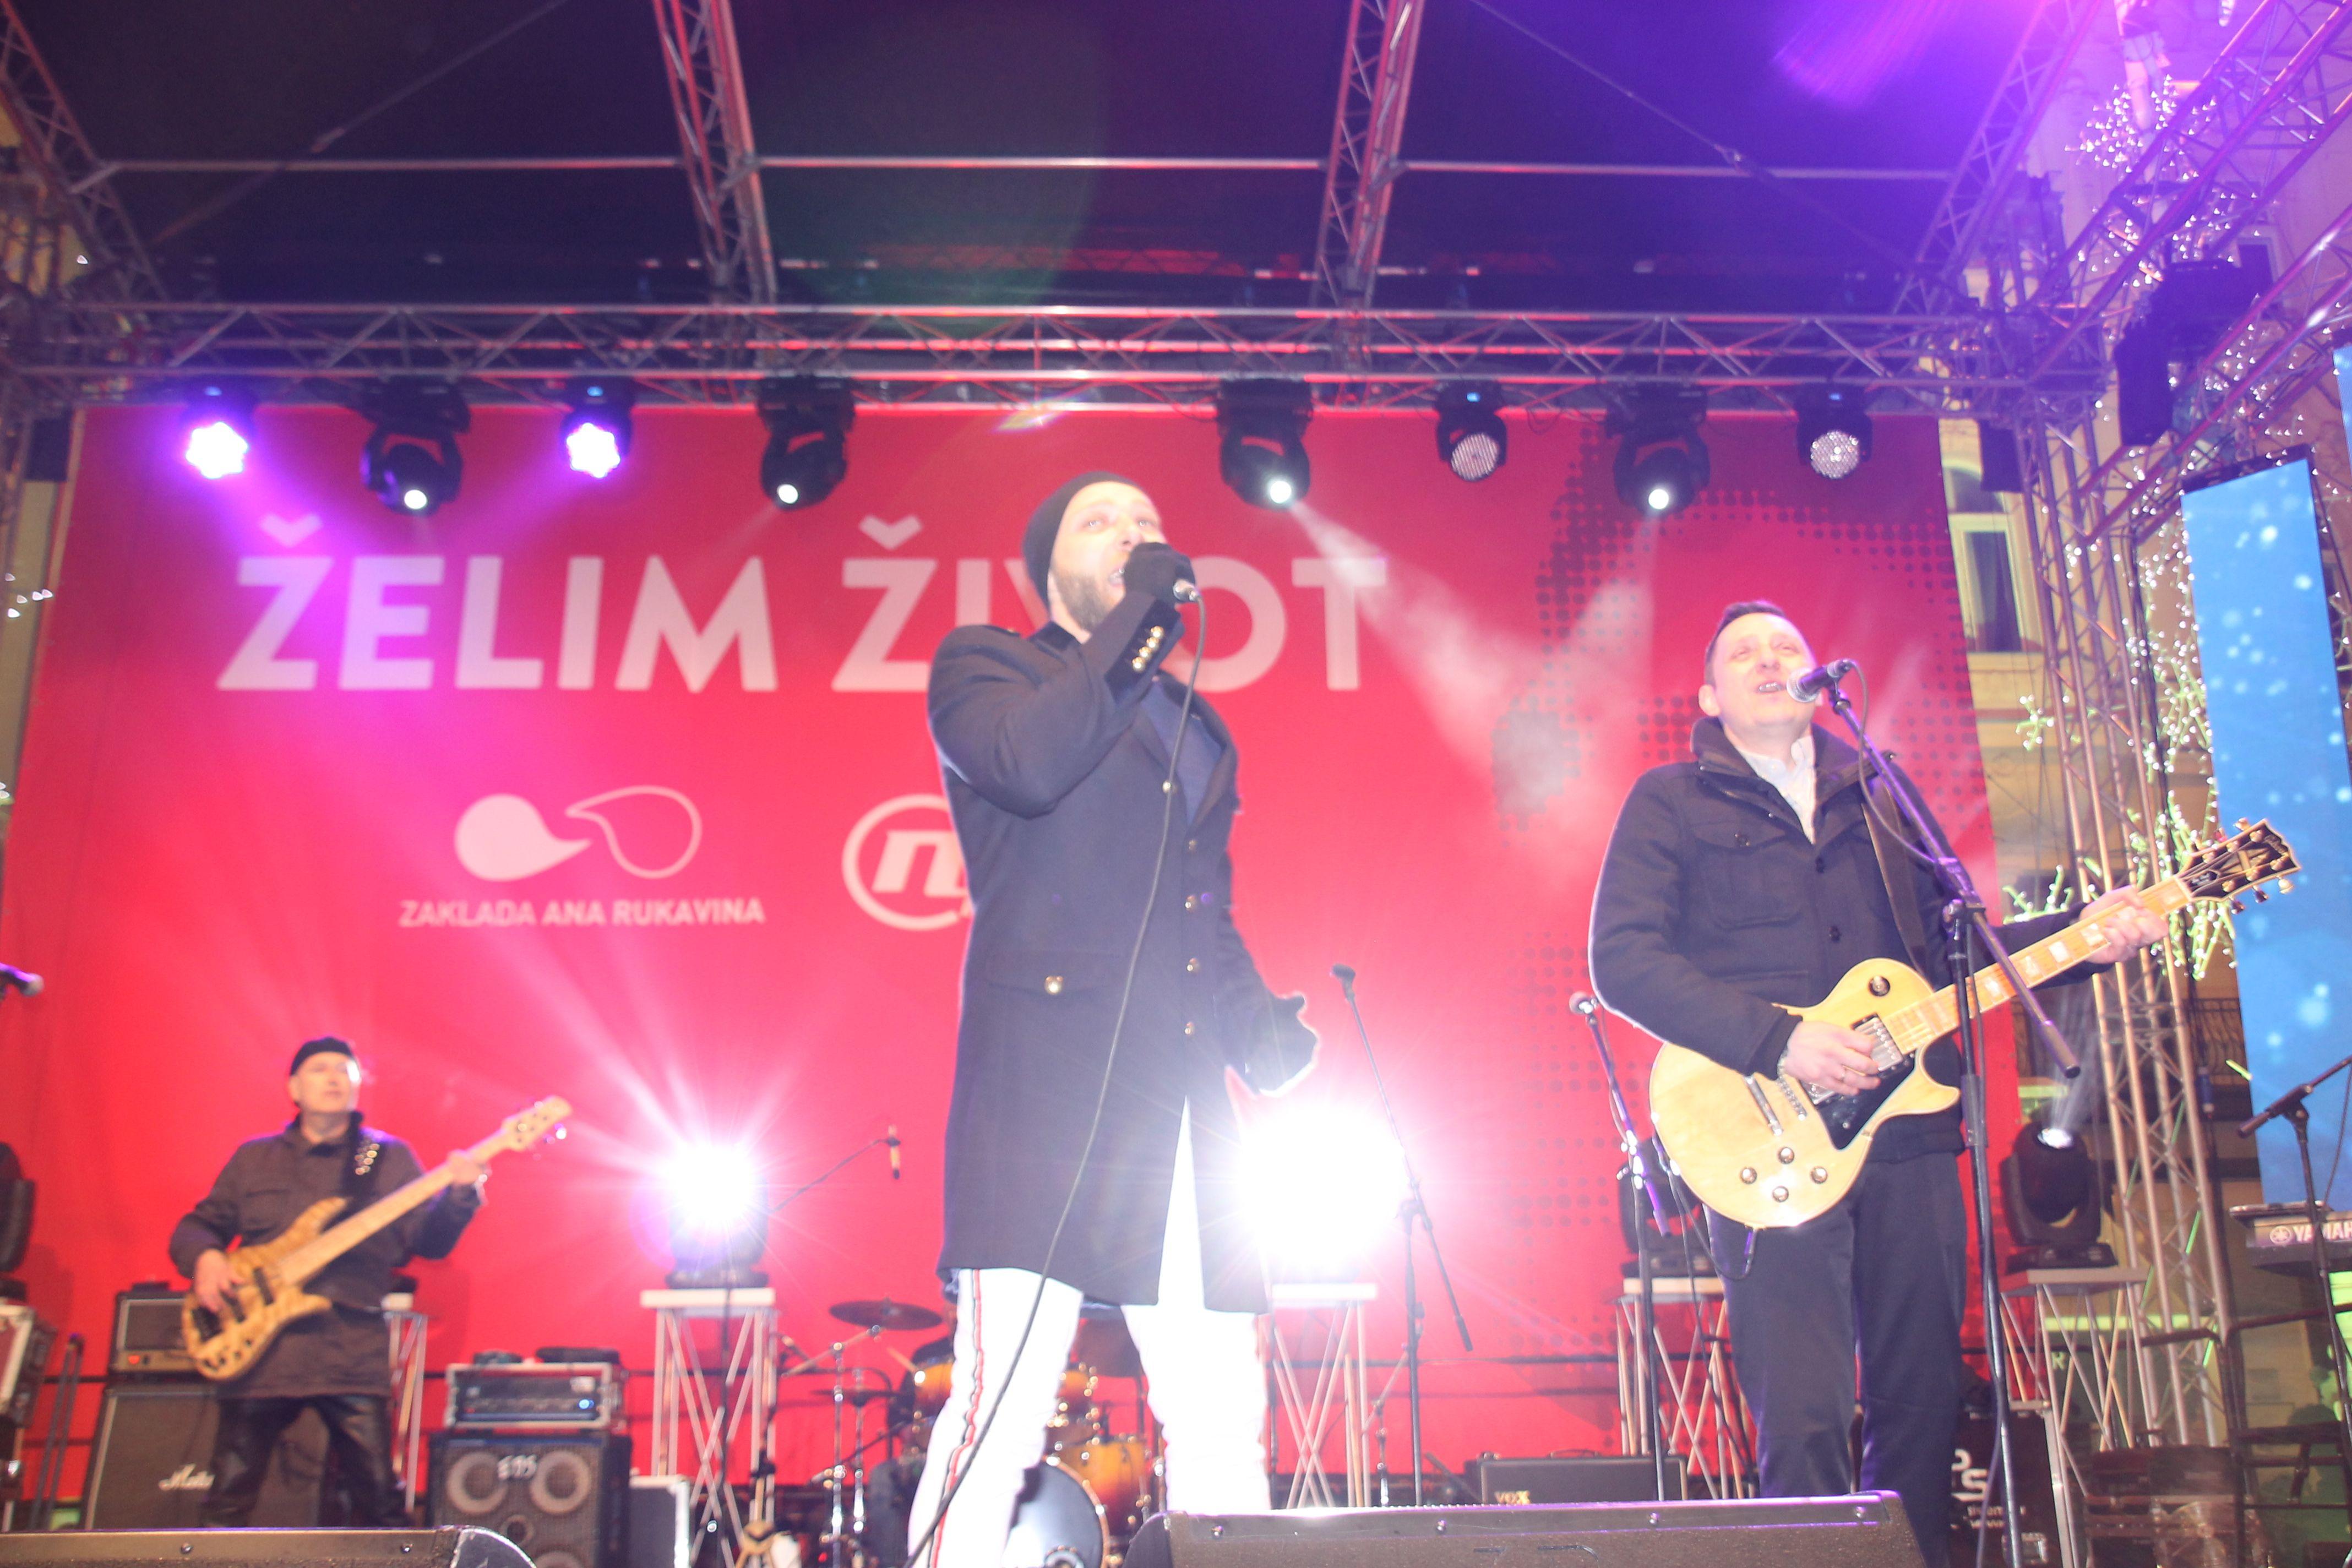 """Na koncertu """"Želim život"""" prikupljeno 1,45 milijuna kuna za Zakladu """"Ana Rukavina"""""""